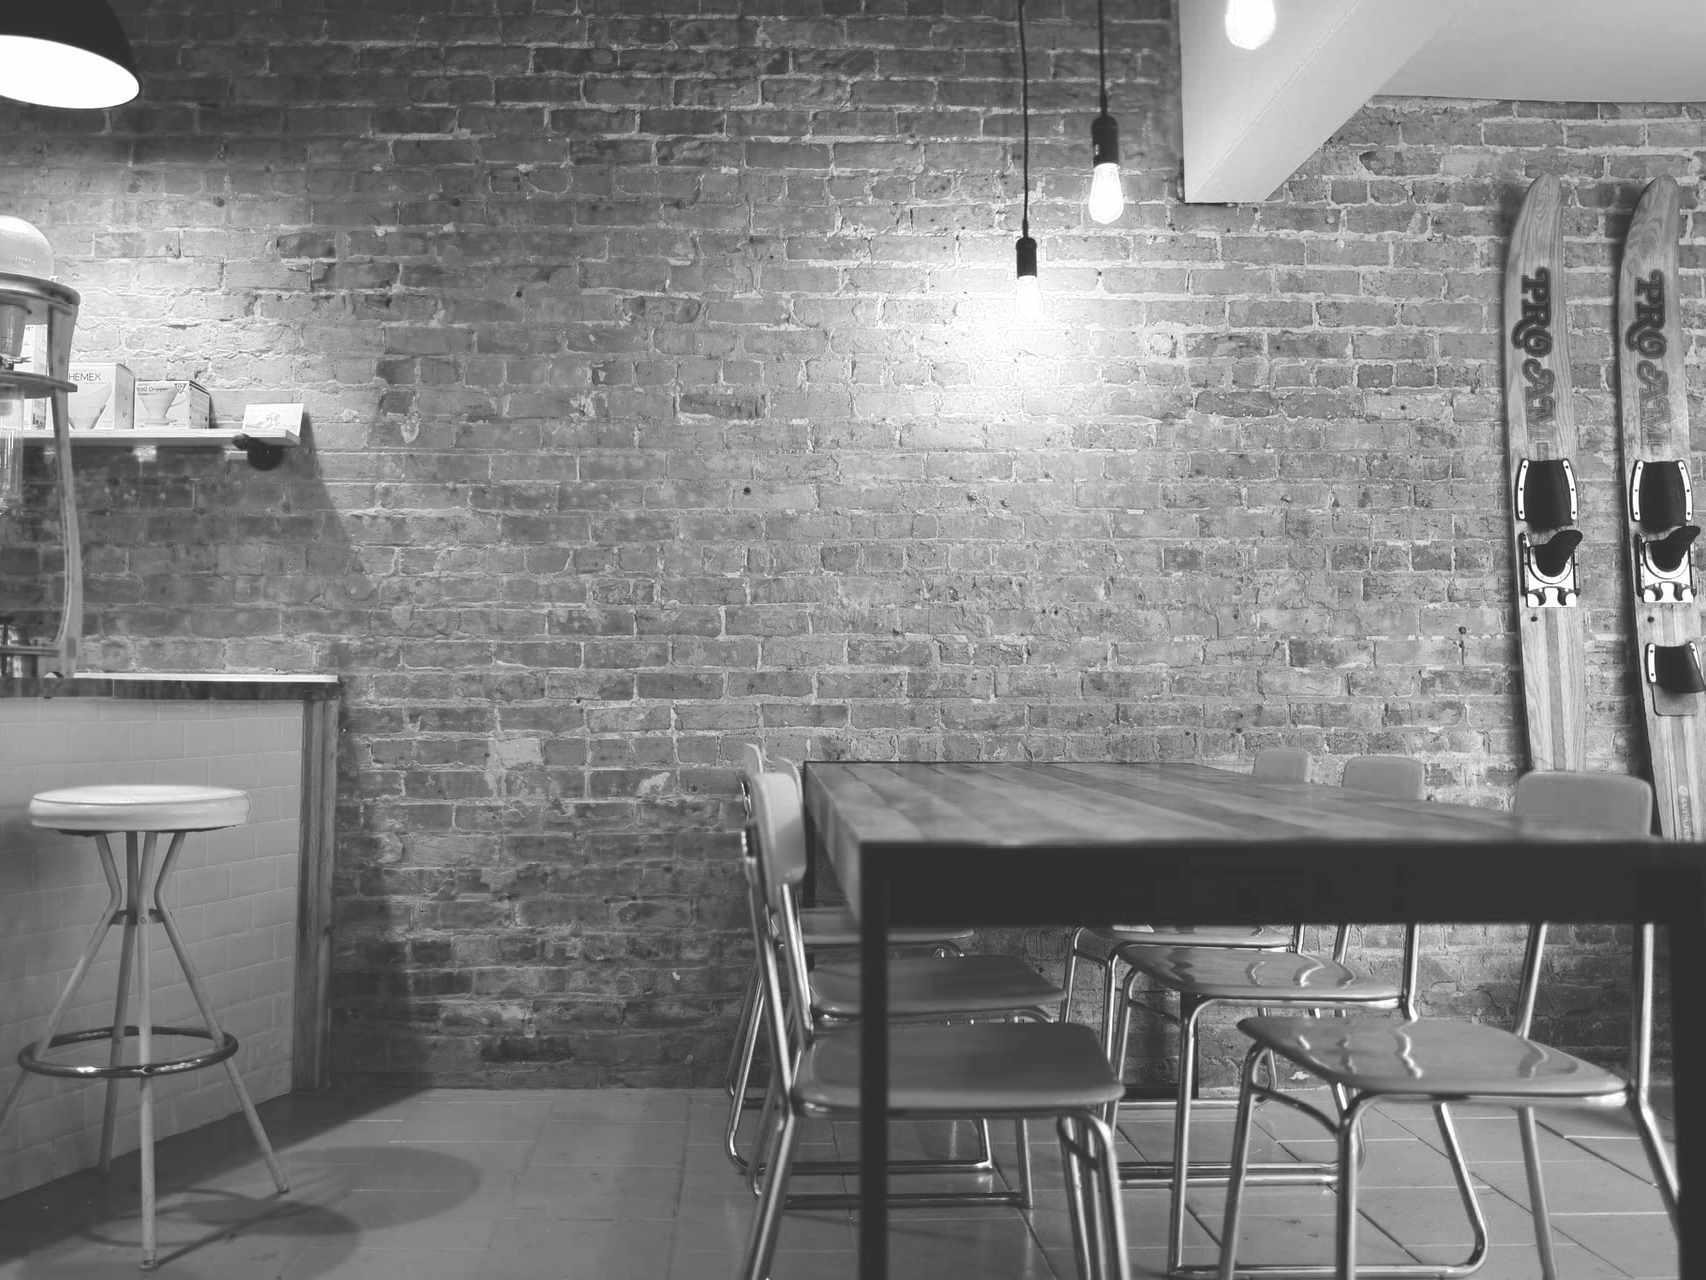 Modern Bar Design - Cost Effective